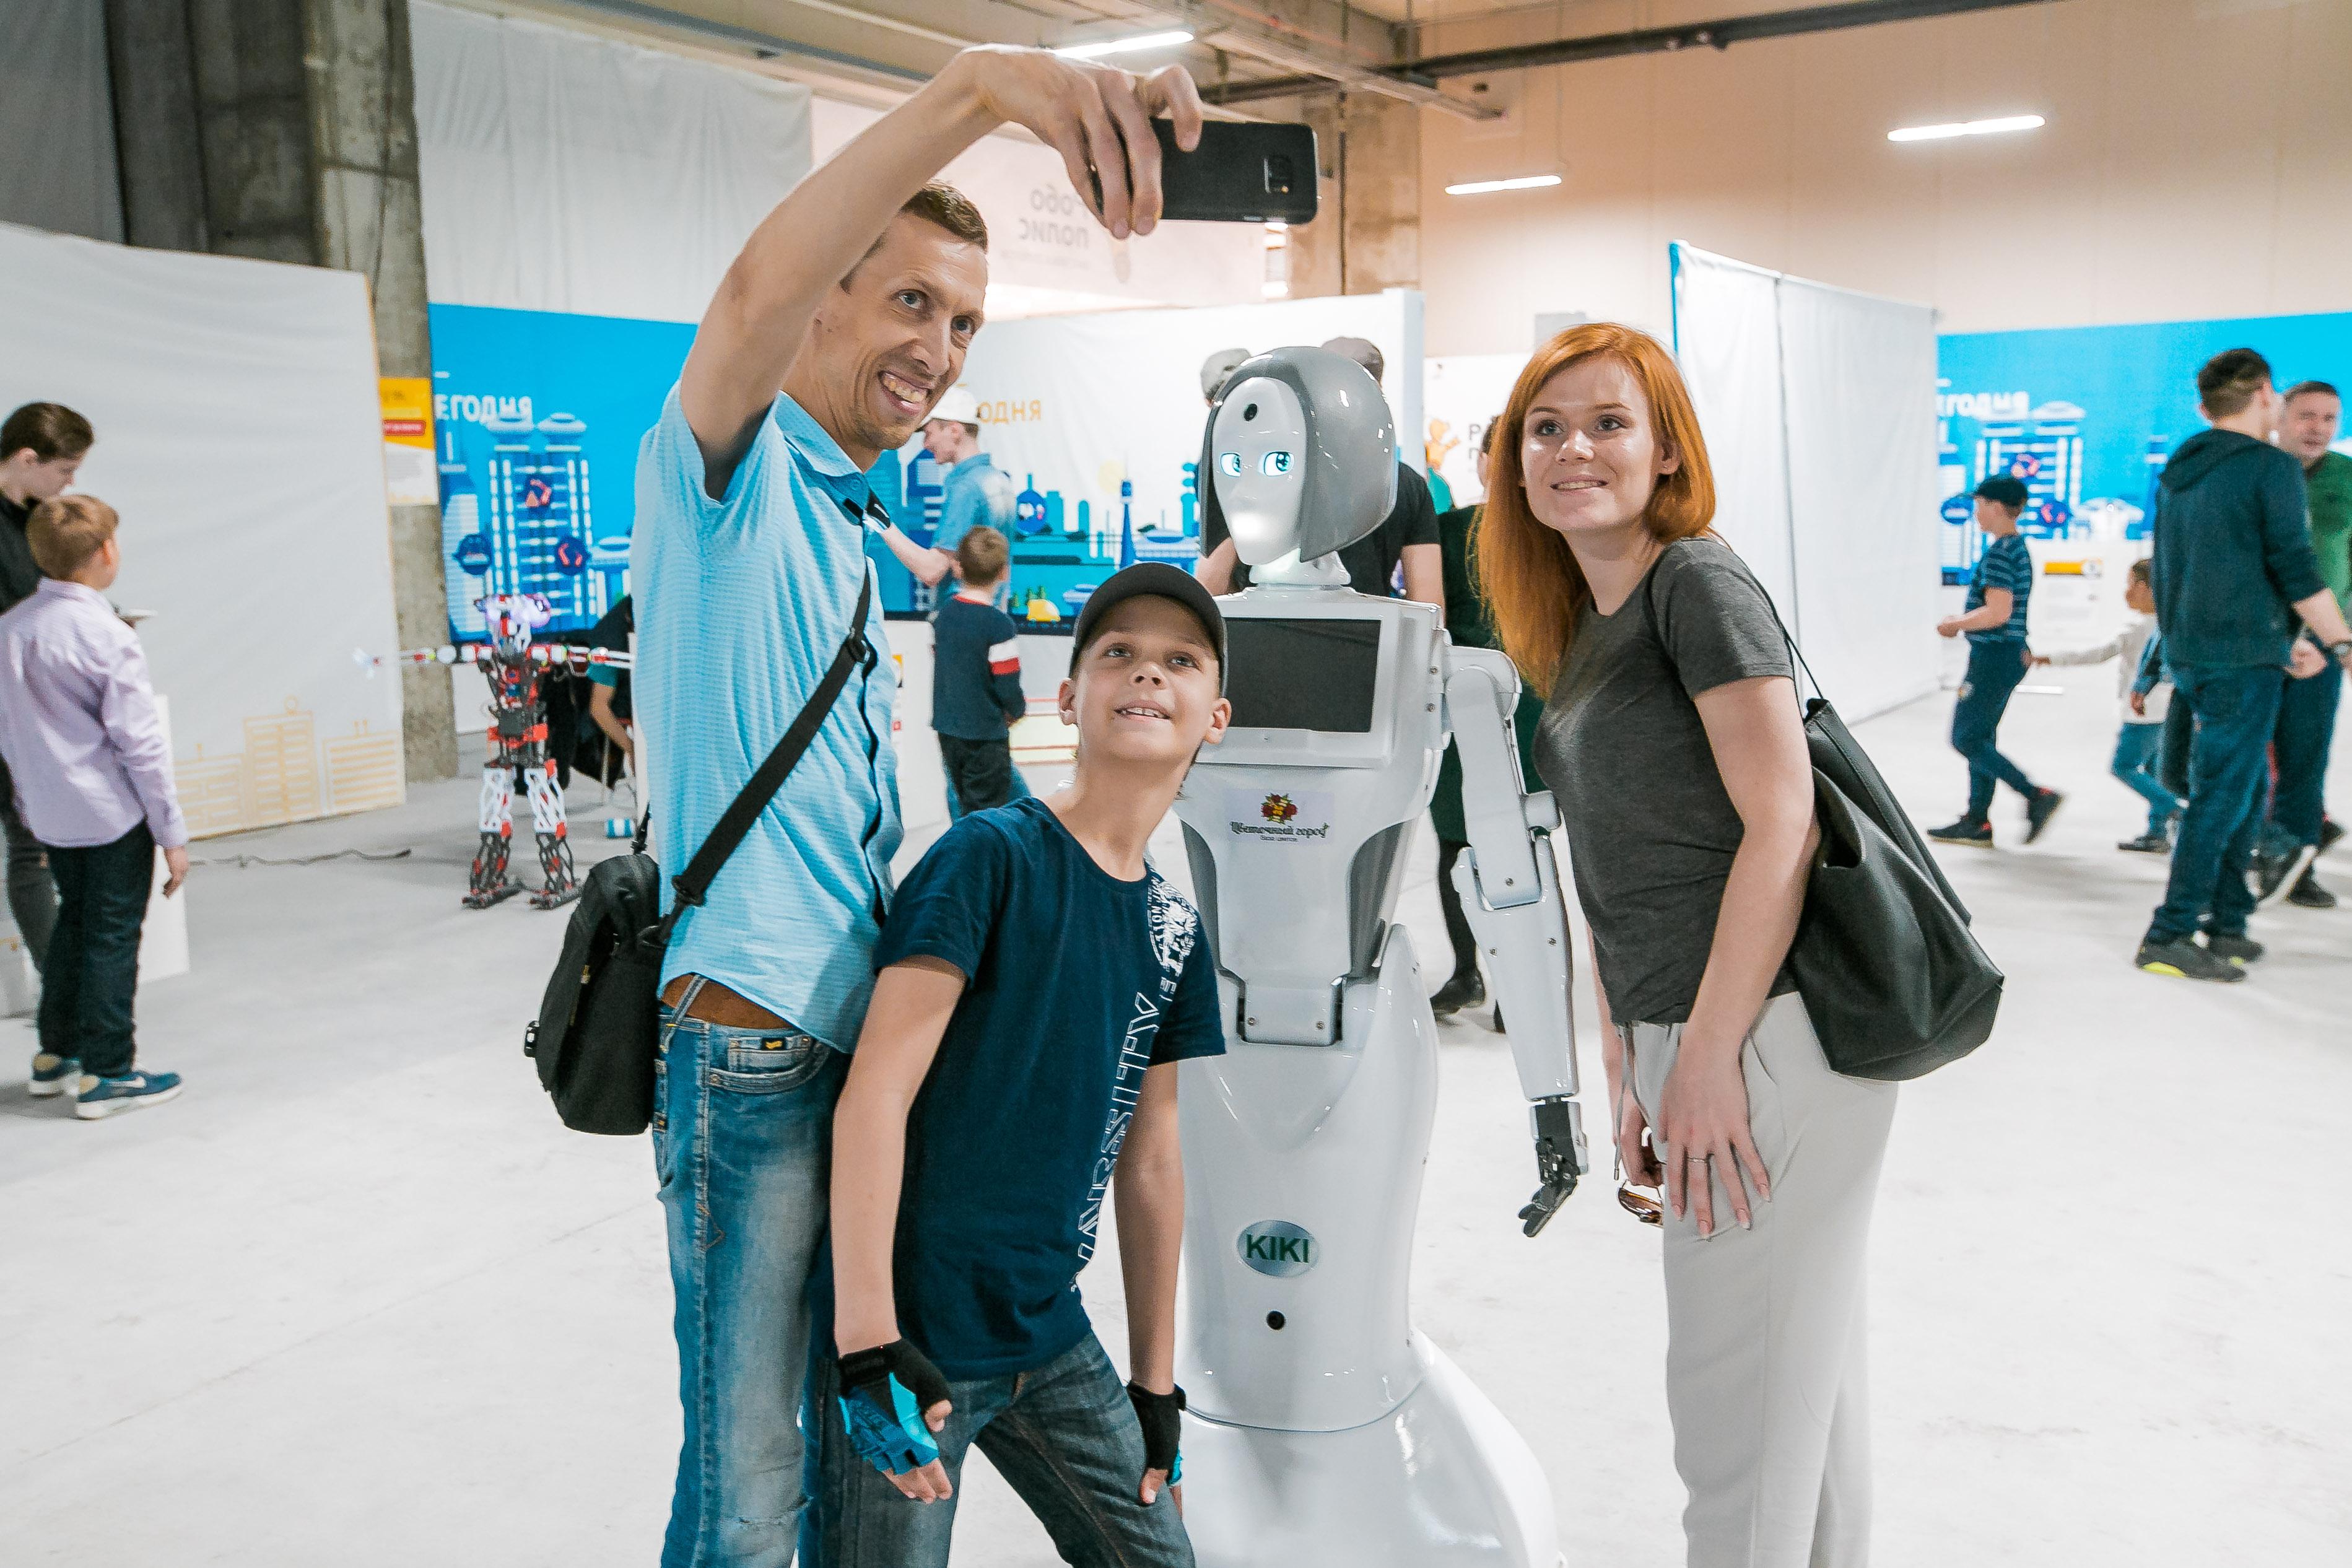 Главное событие этой весны: посещение выставки роботов в Кургане